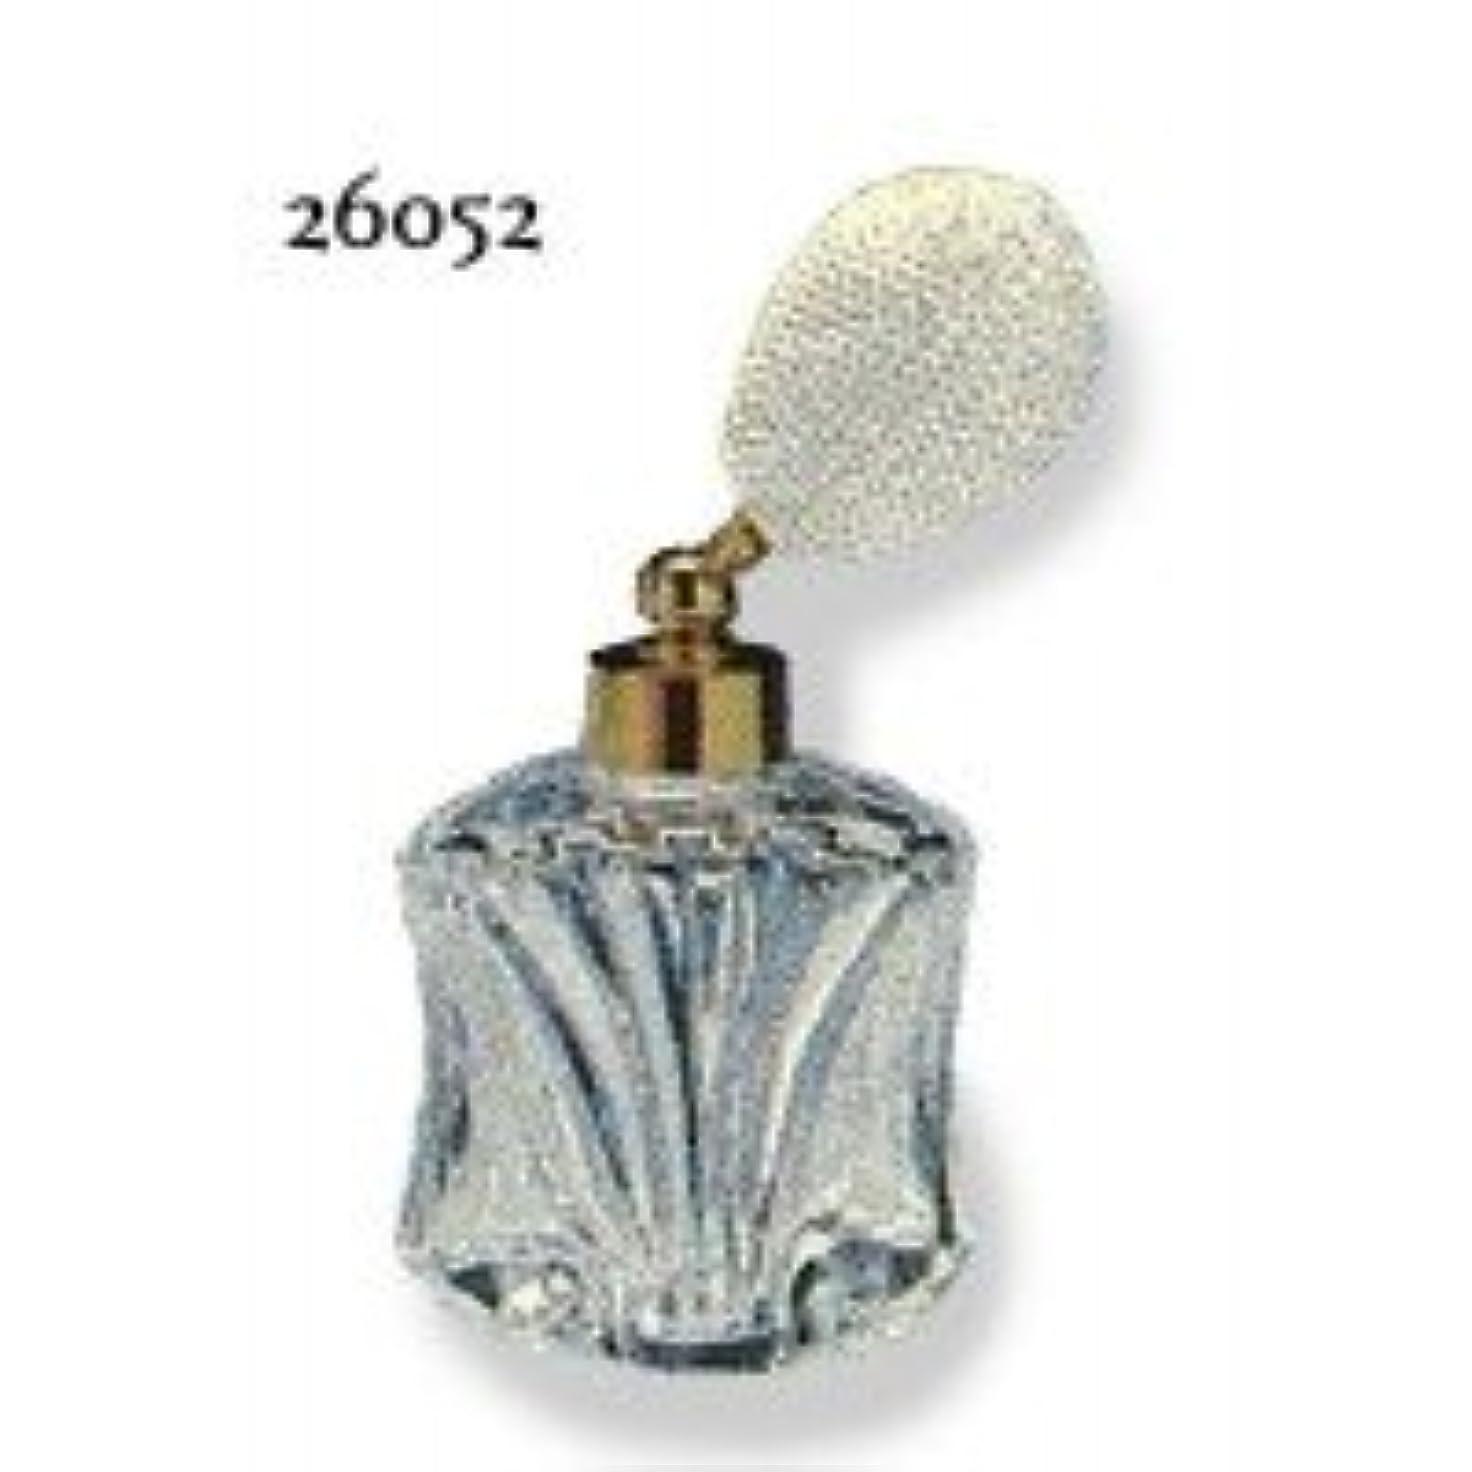 チャレンジアンソロジー家庭ドイツ製クリスタル香水瓶リードクリスタル 短